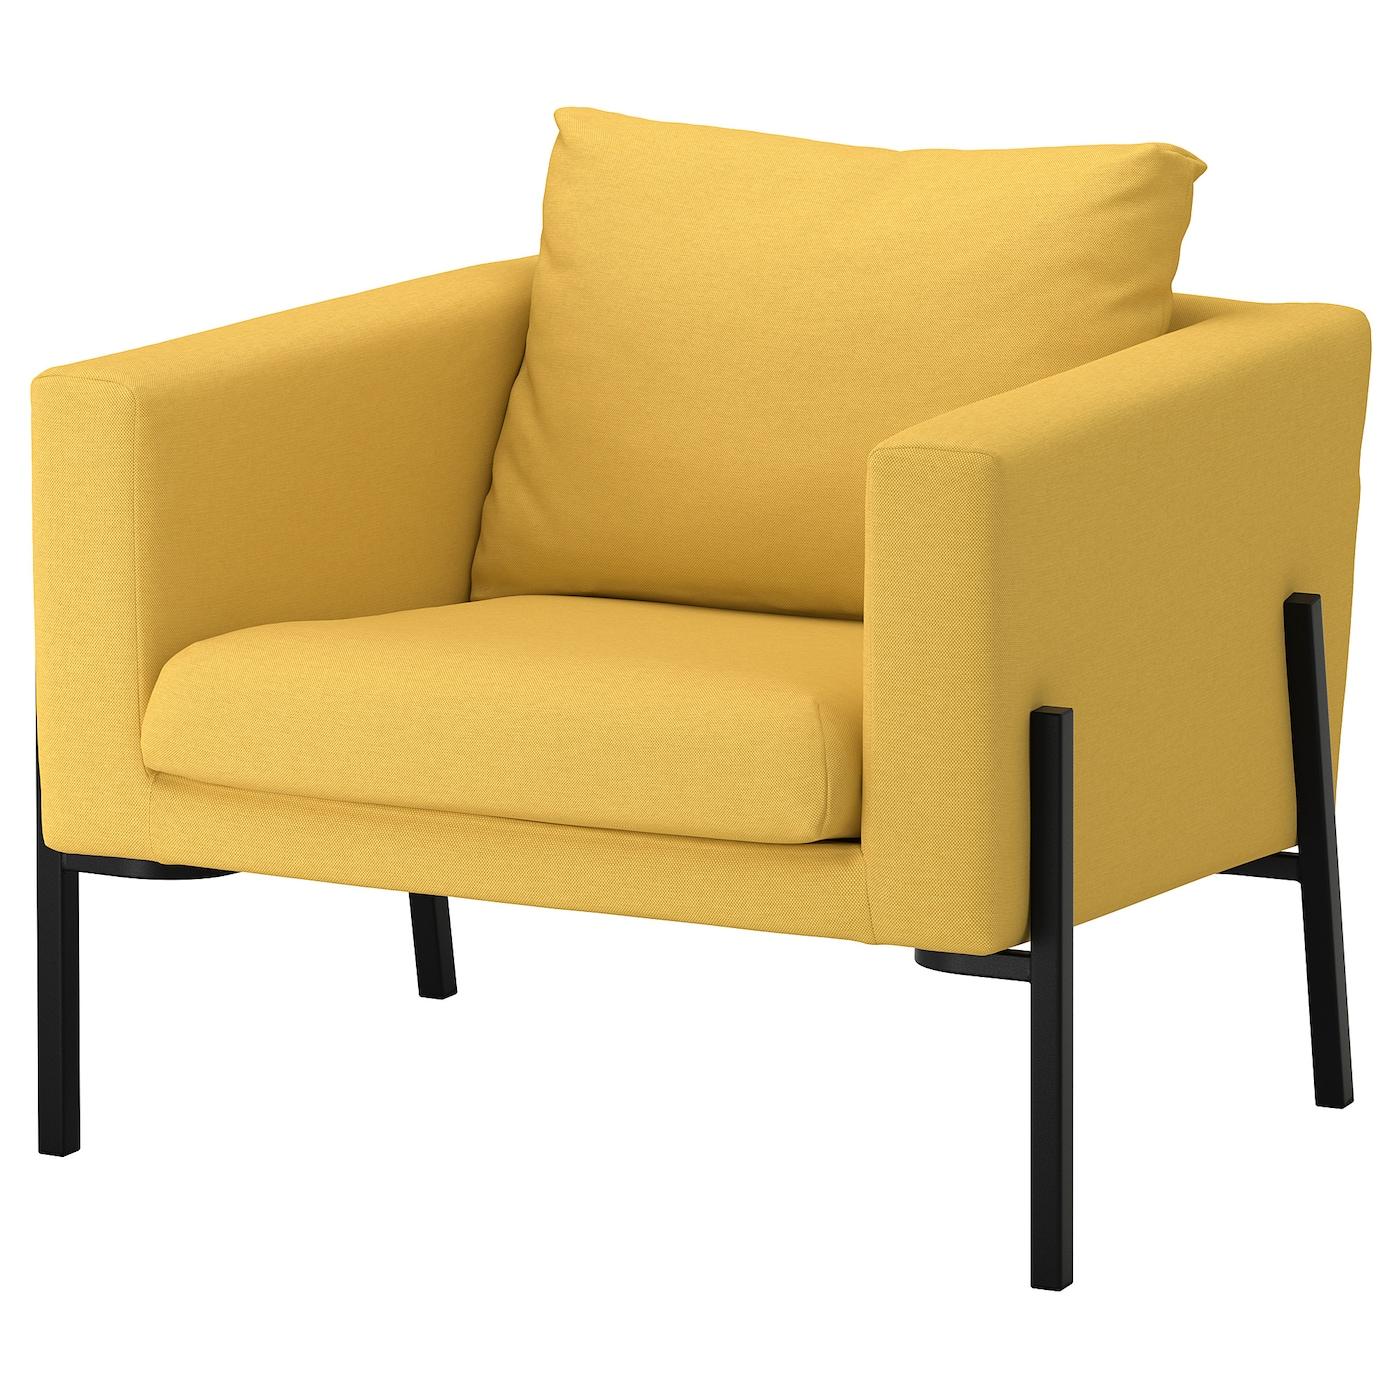 koarp fauteuil orrsta jaune dor noir ikea. Black Bedroom Furniture Sets. Home Design Ideas